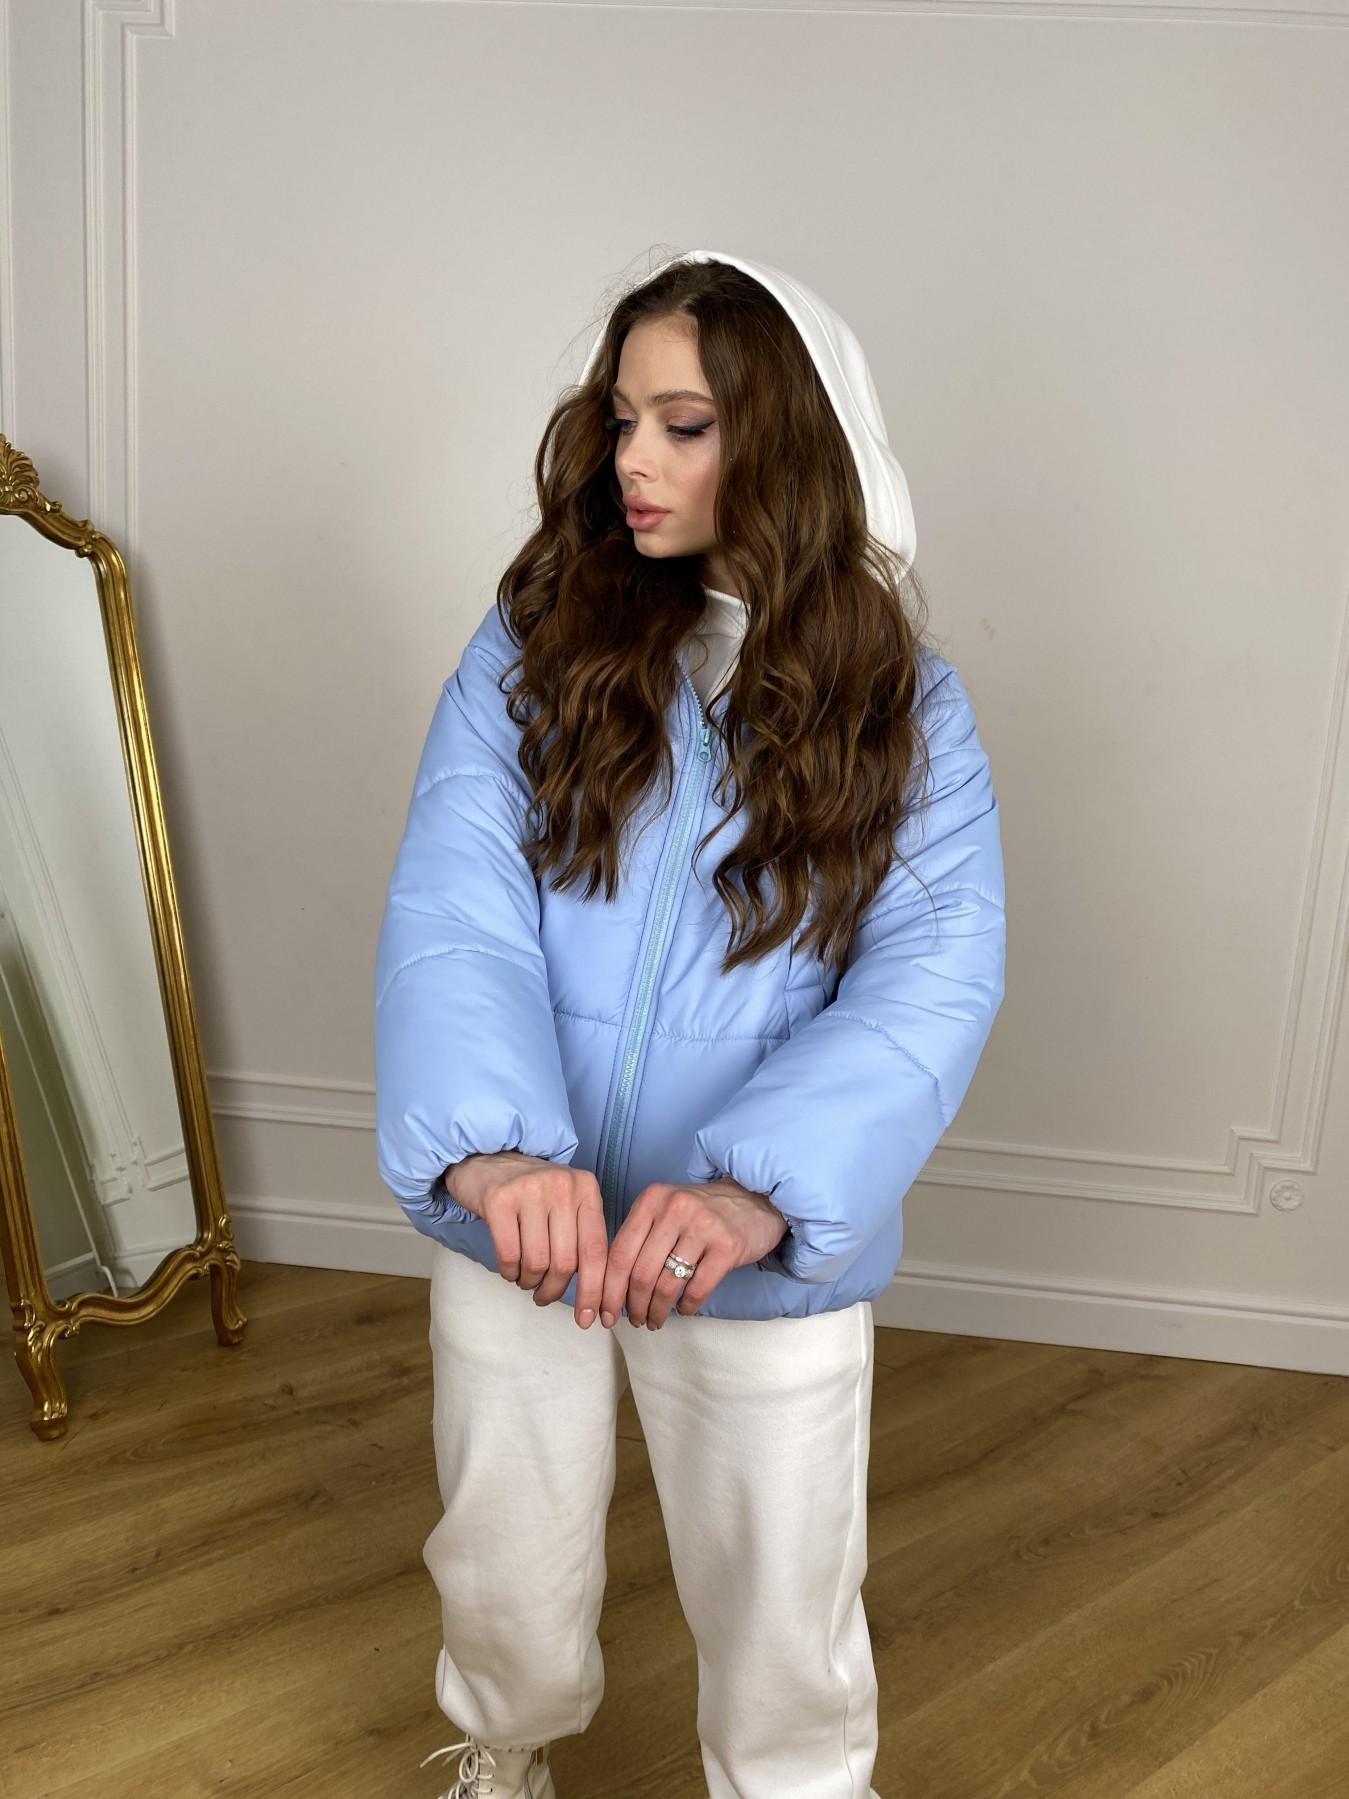 Муд куртка из плащевой ткани 10509 АРТ. 46916 Цвет: Голубой - фото 9, интернет магазин tm-modus.ru